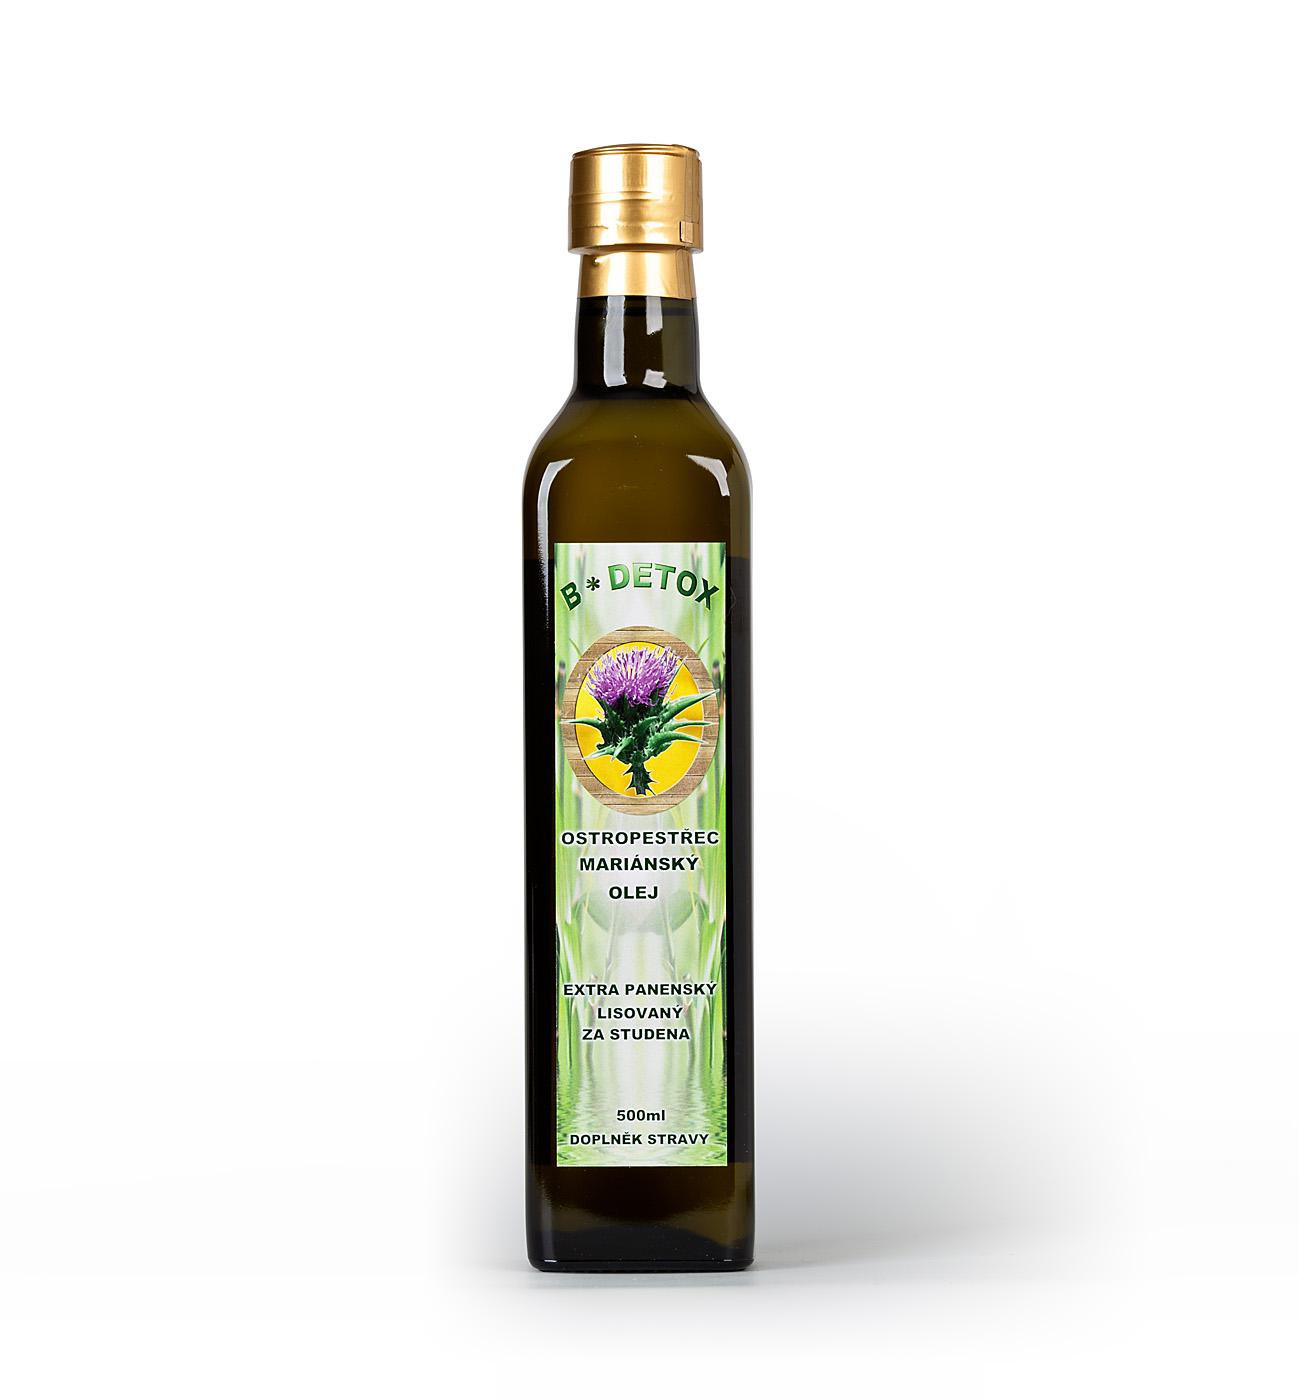 Levně Bio-Detox Extra panenský olej z Ostropestřce mariánského 500 ml